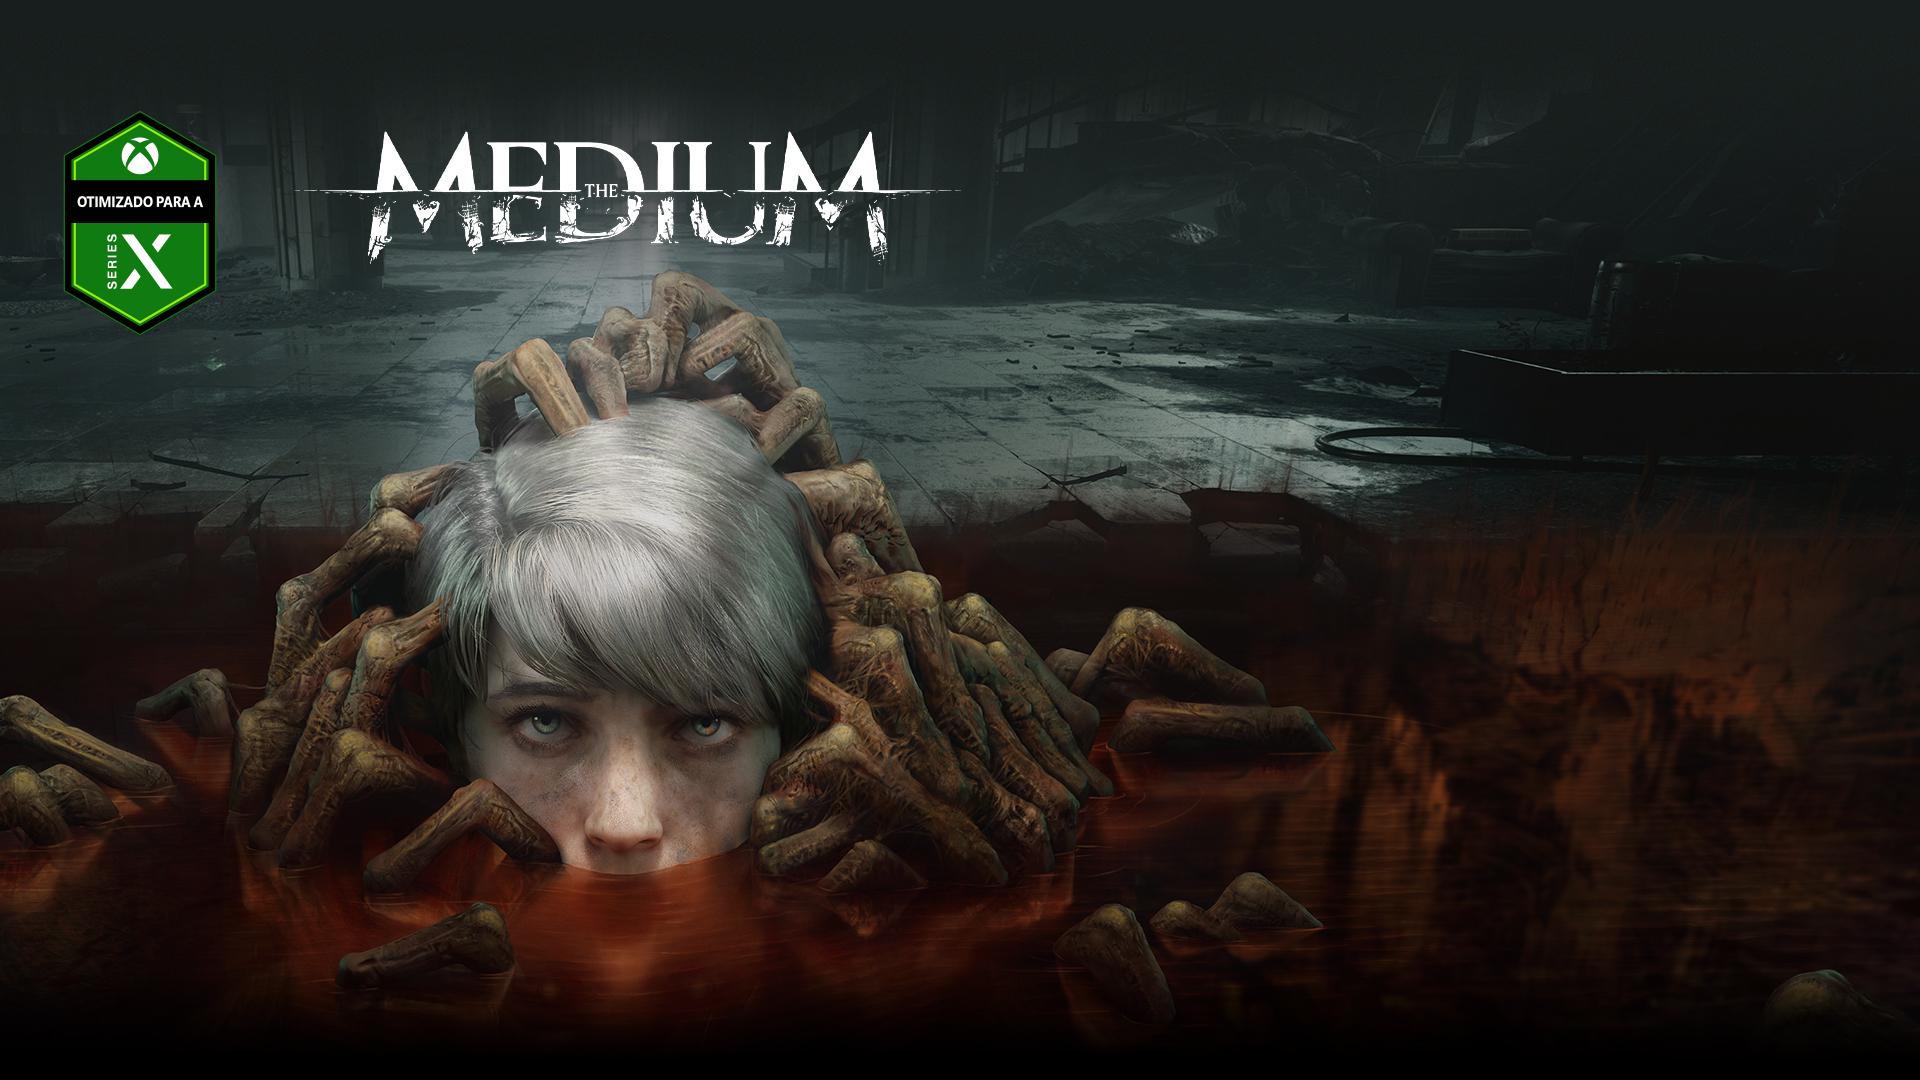 The Medium, Otimizado para a Series X, A cabeça de uma criança ergue-se de uma poça cheia de mãos de mortos-vivos.